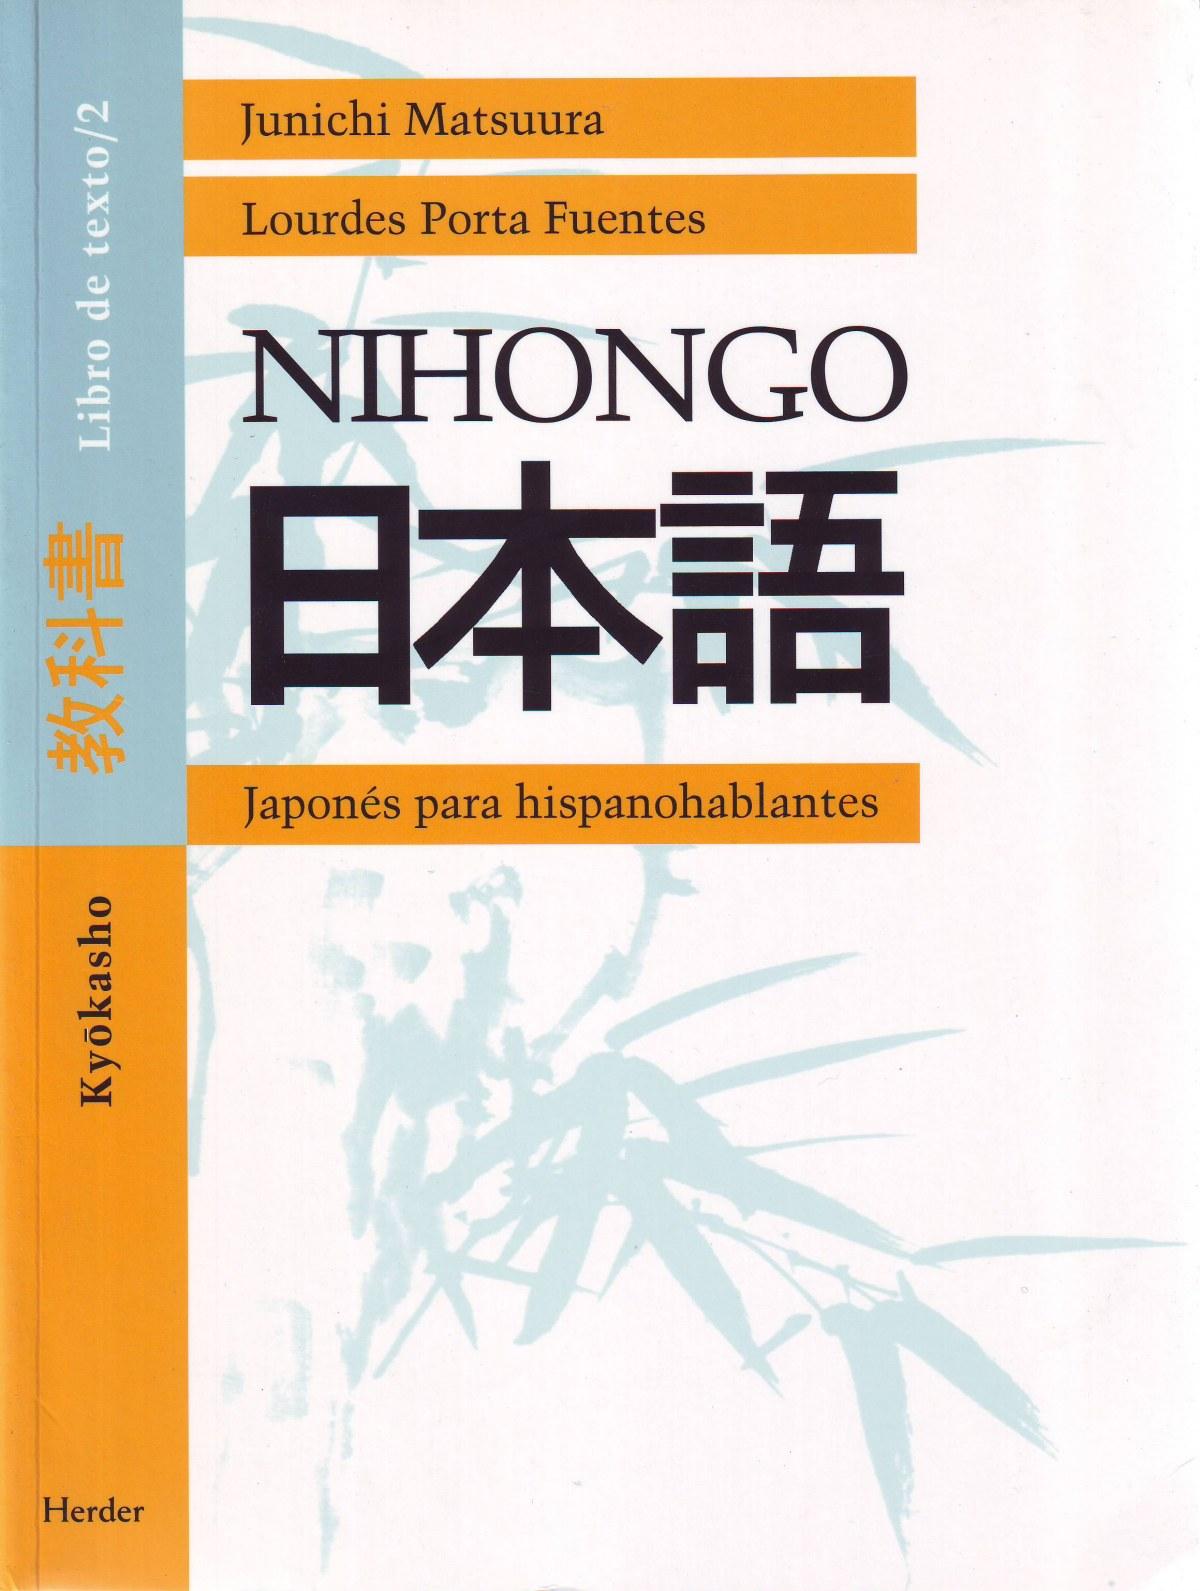 Nihongo 2 libro kyokasho